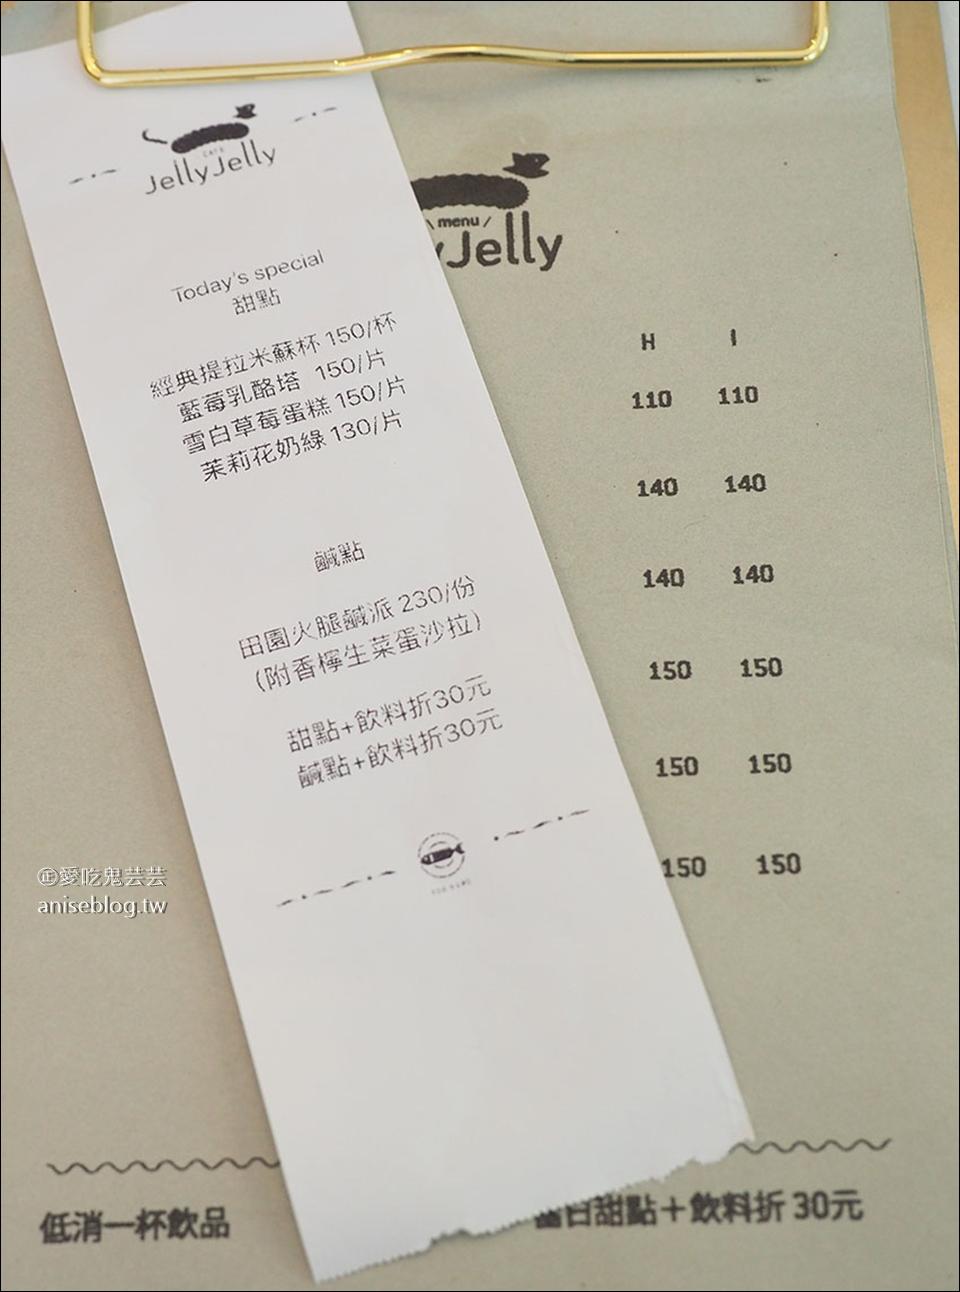 JellyJelly 慢工烘焙,網路知名蛋糕終於展店啦!